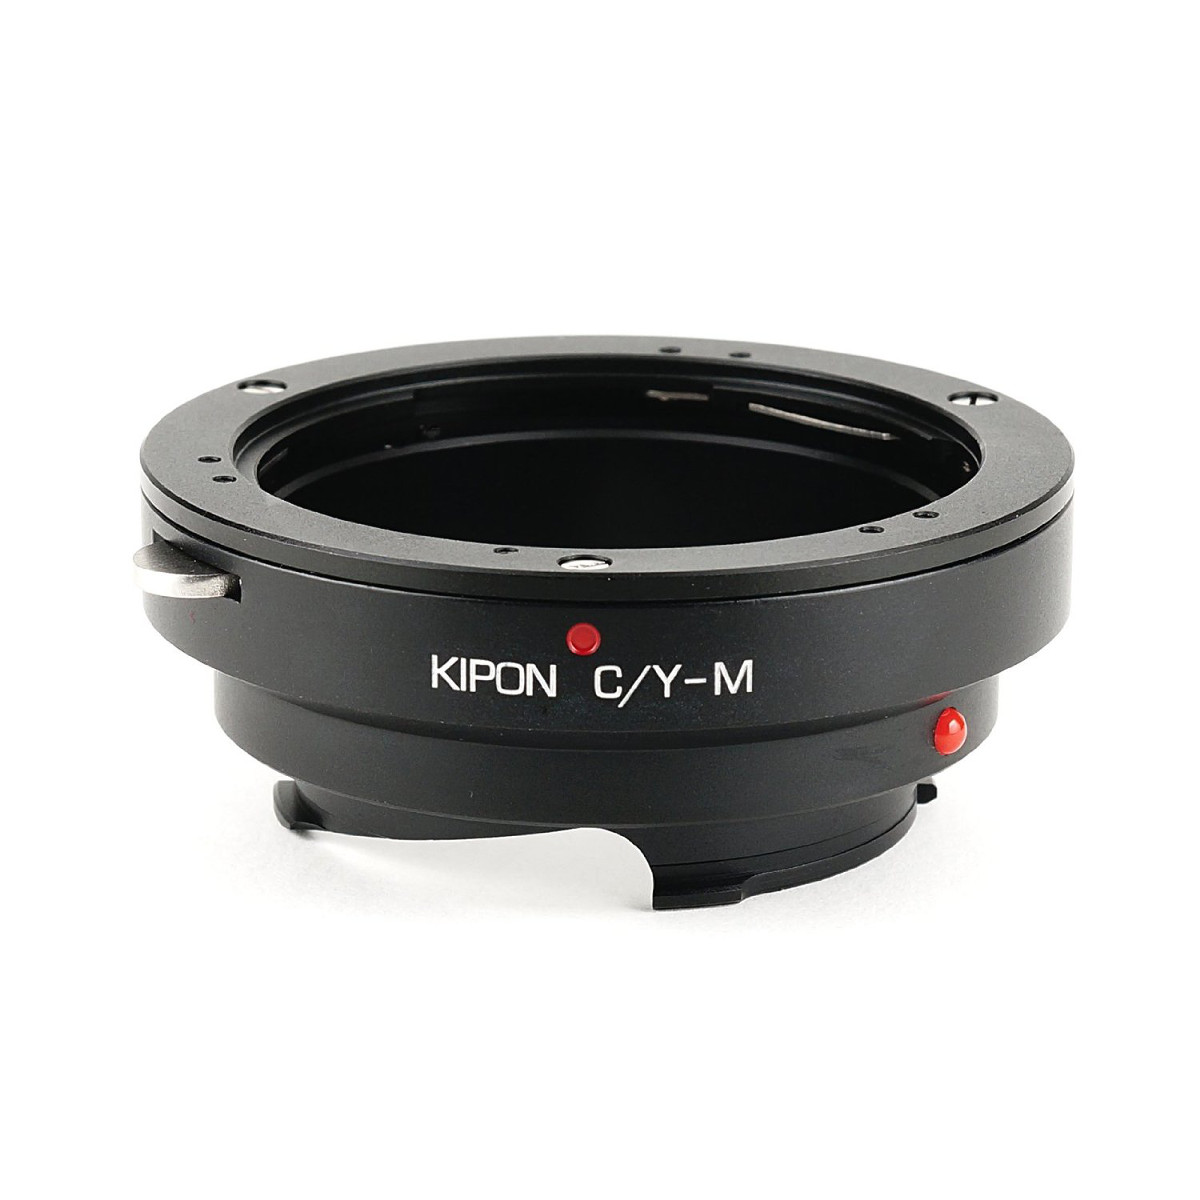 マウントアダプター KIPON CY-M コンタックス/ヤシカマウントレンズ - ライカMマウントカメラ Typ 240対応可